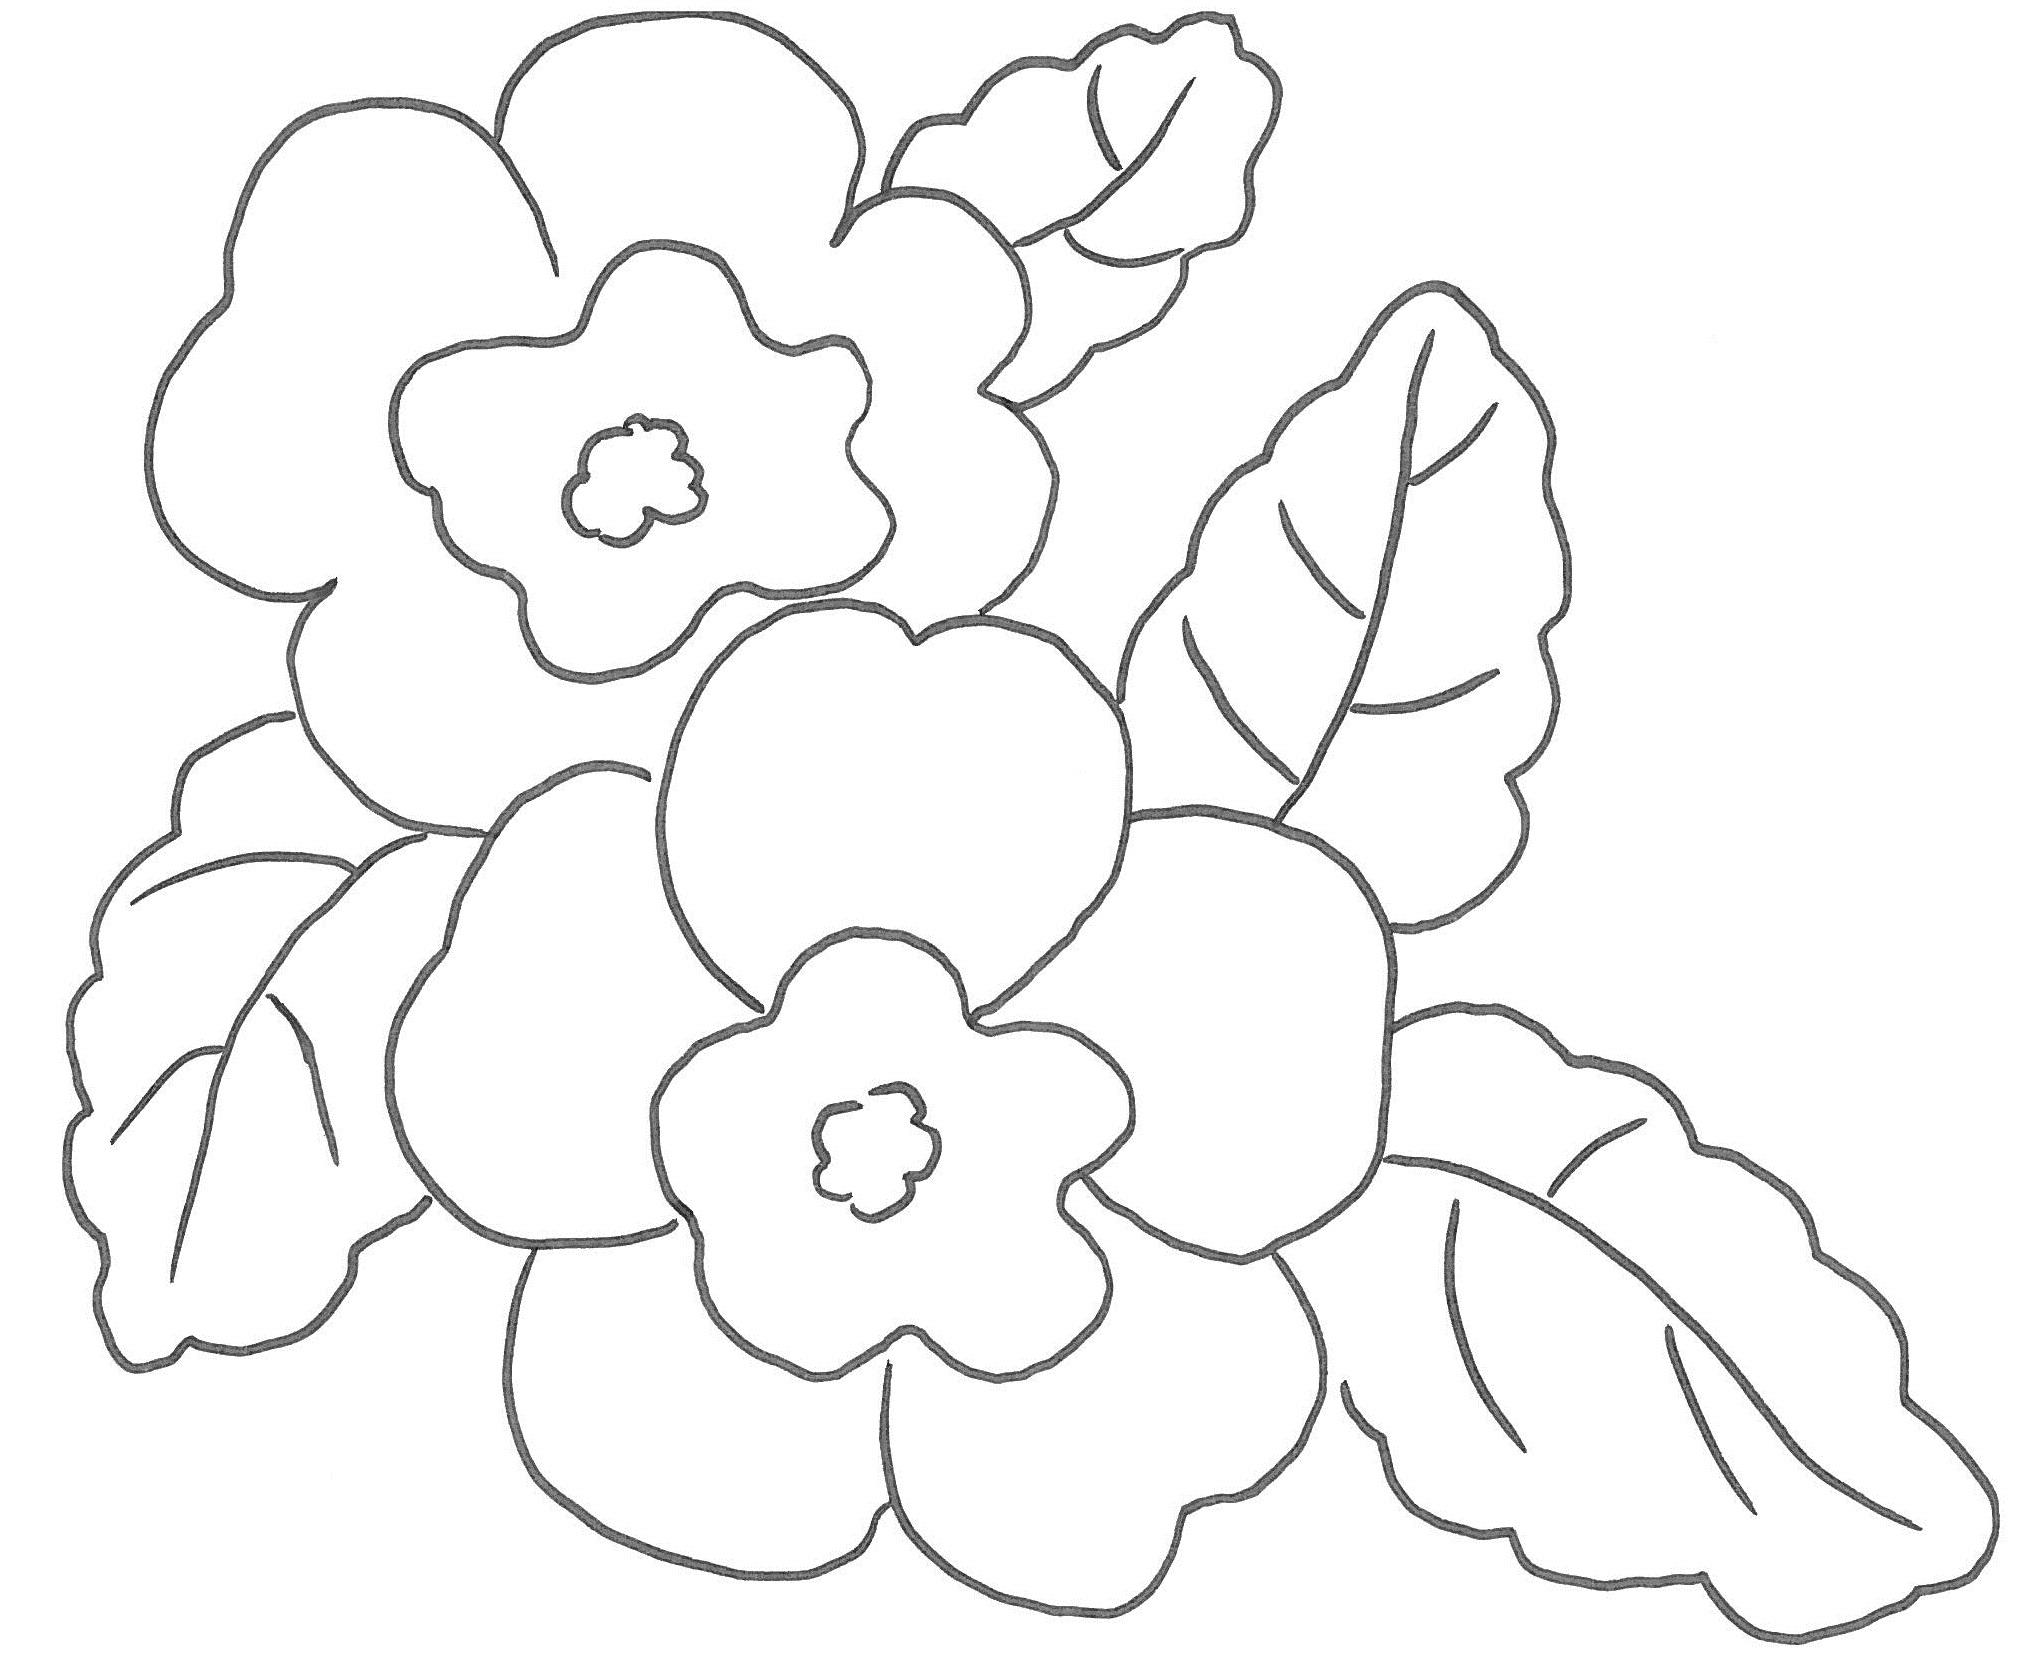 Cerchi disegni di fiori ecco qui primule bucaneve viole for Disegni fiori da colorare